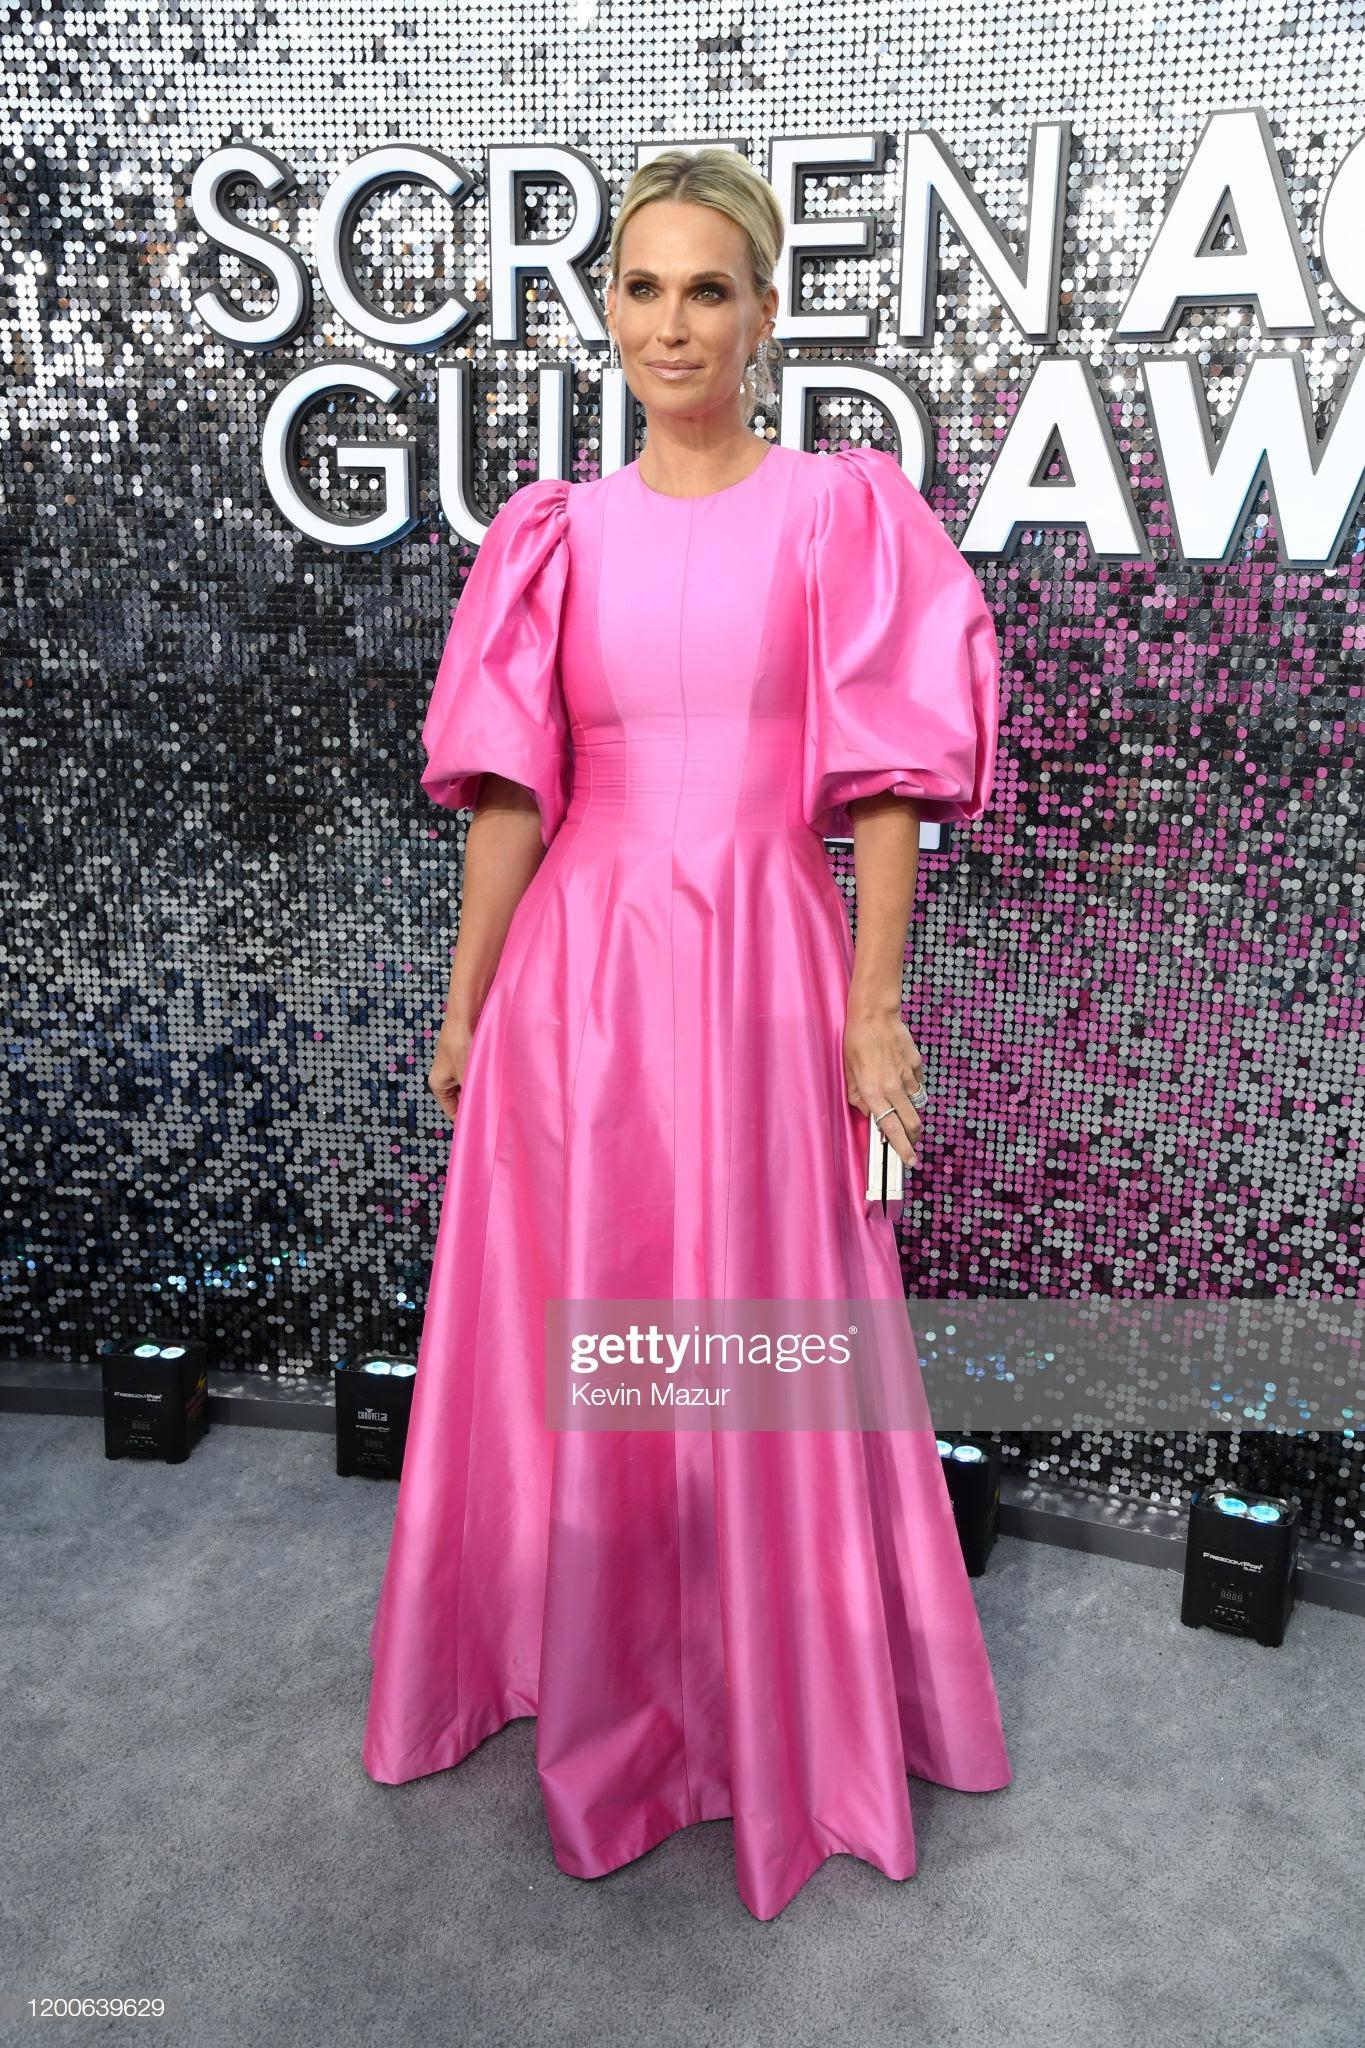 """f5417136 04f3 40cb 9837 e9cd97d0393a - Screen Actors Guild Awards"""" 2020: Scarlett Johansson y Leonardo Dicaprio entre las celebrities que lucieron Jimmy Choo"""